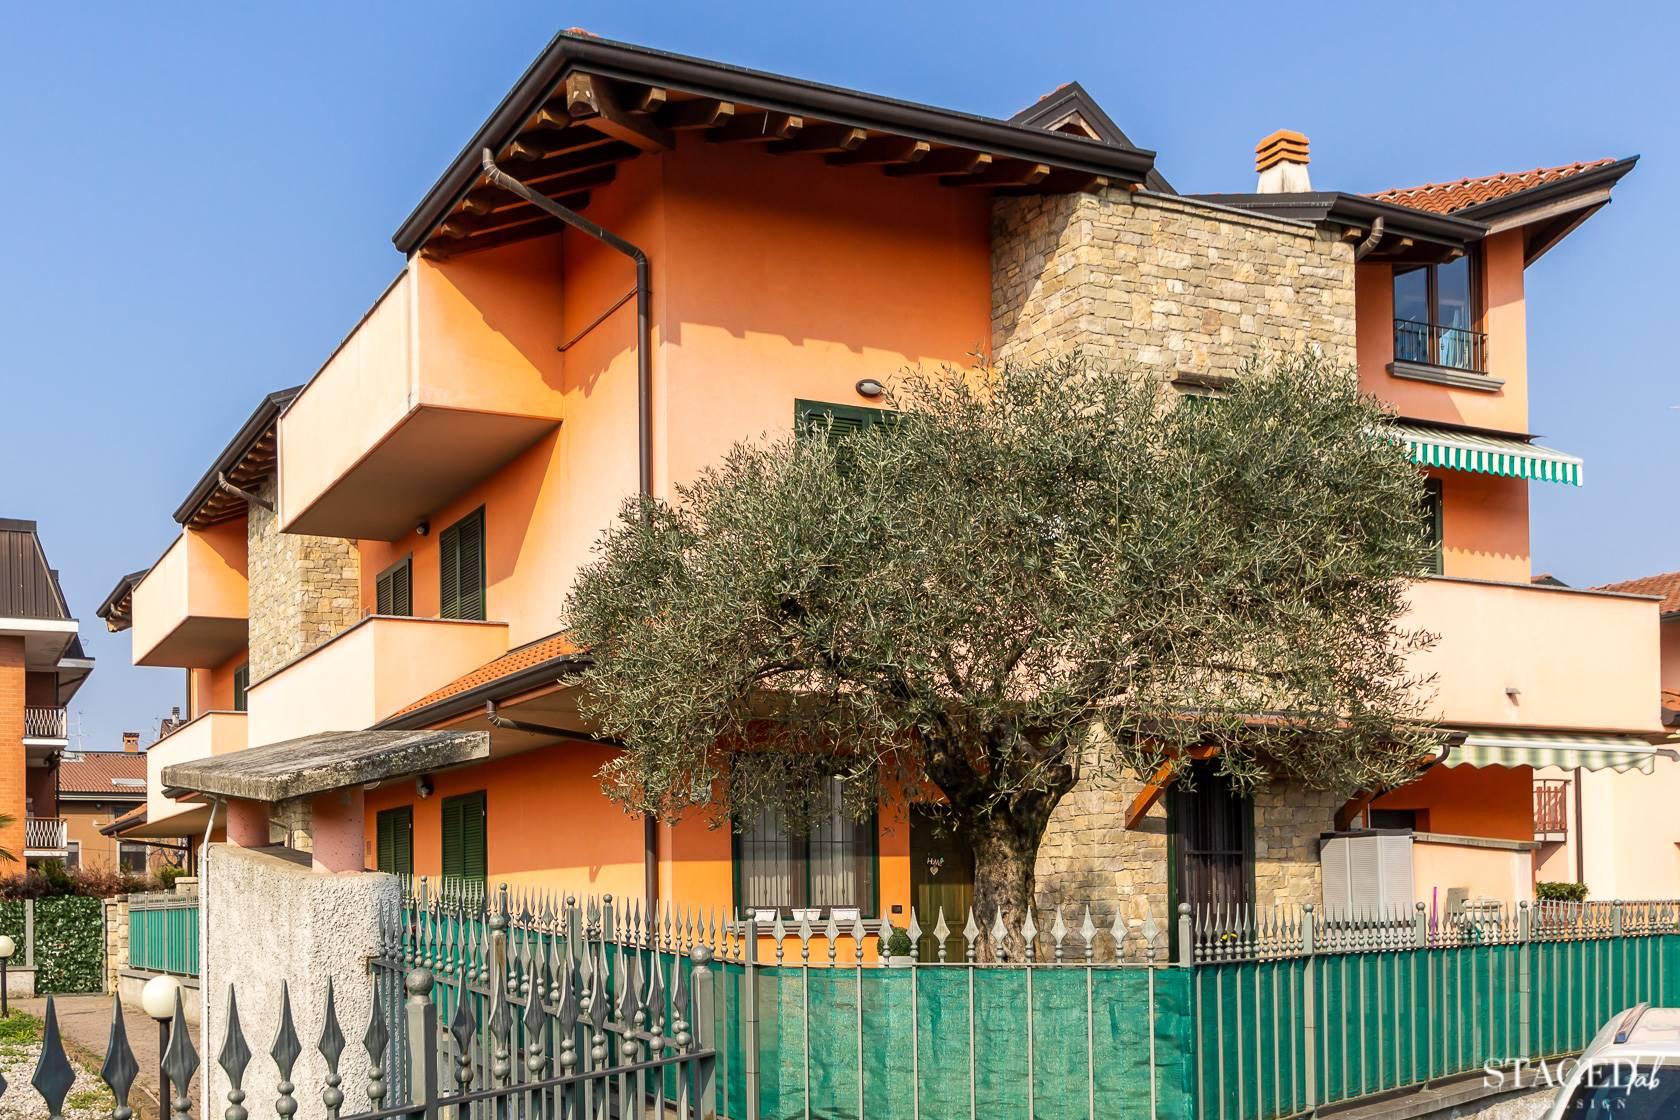 Appartamento in vendita a Ciserano, 2 locali, prezzo € 96.000 | PortaleAgenzieImmobiliari.it